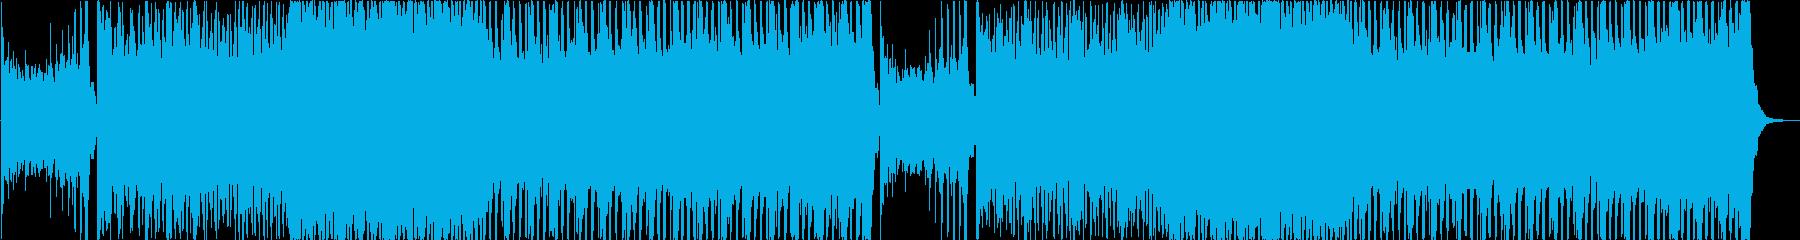 ホラーゲームのアクションシーン風BGMの再生済みの波形